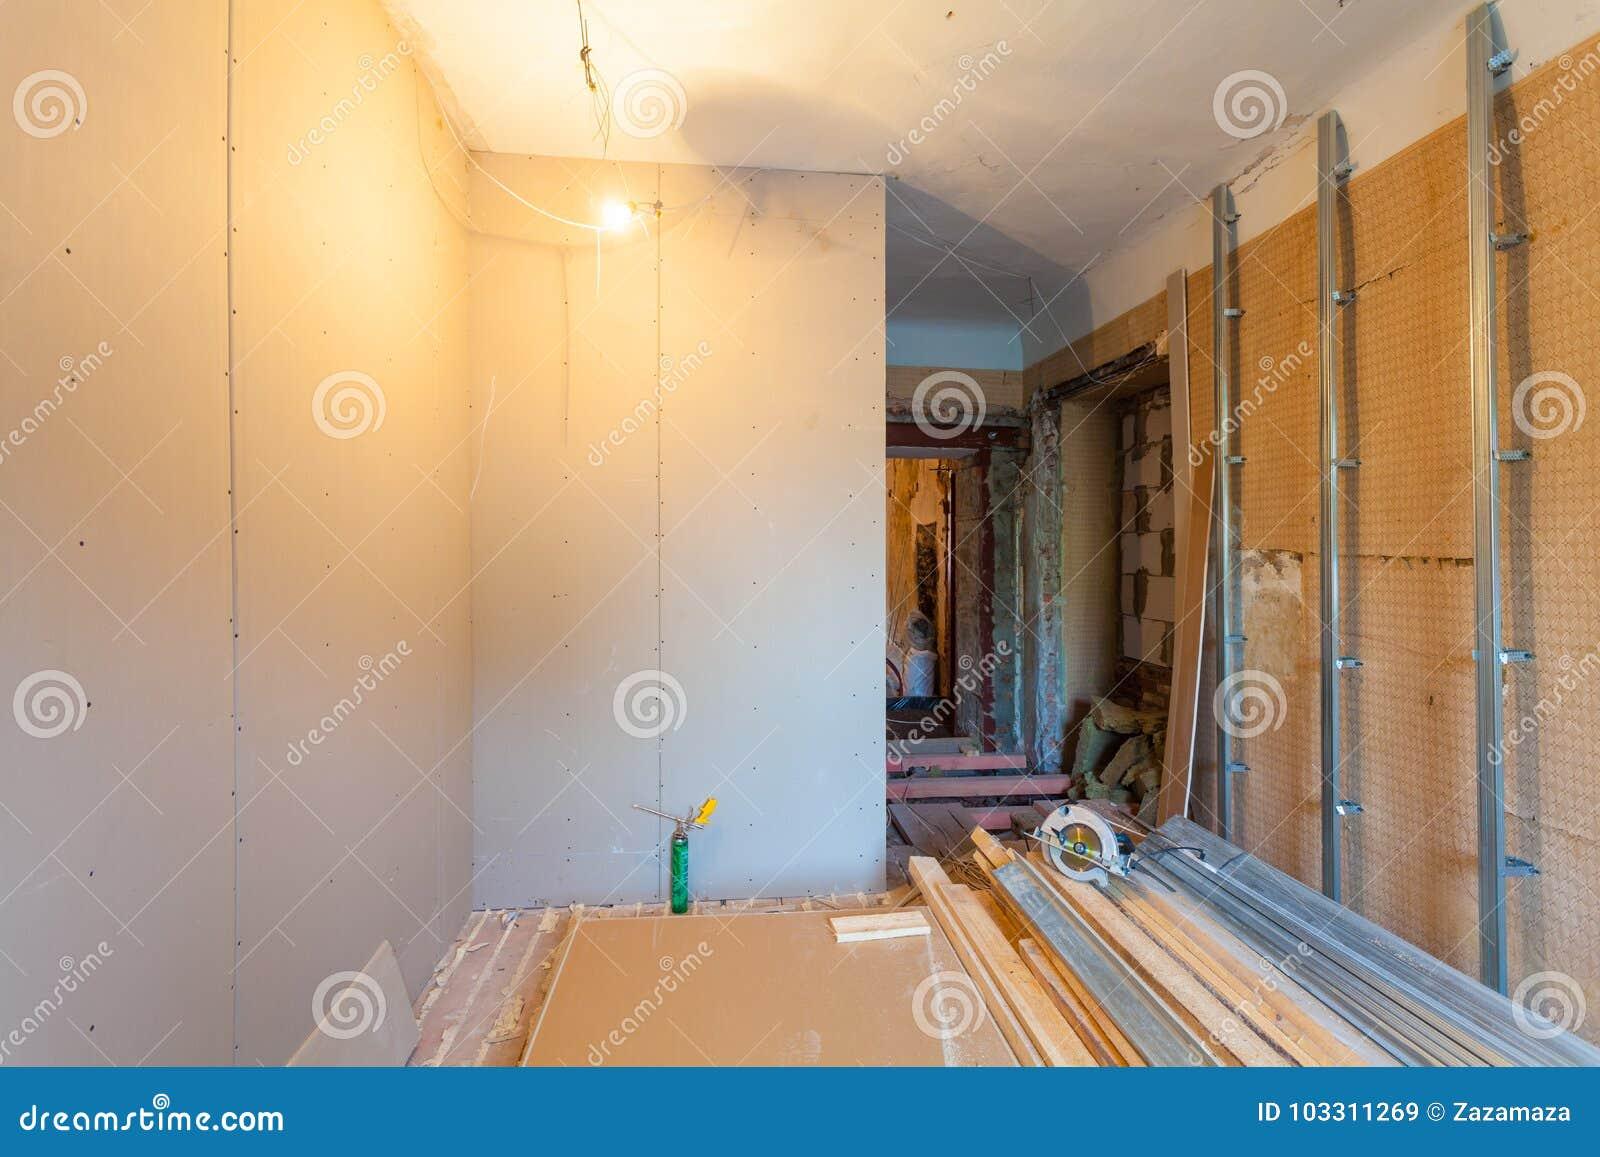 Εσωτερικό του διαμερίσματος βελτίωσης με τα υλικά κατά τη διάρκεια στην αναδιαμόρφωση, ανακαίνιση, επέκταση, αποκατάσταση